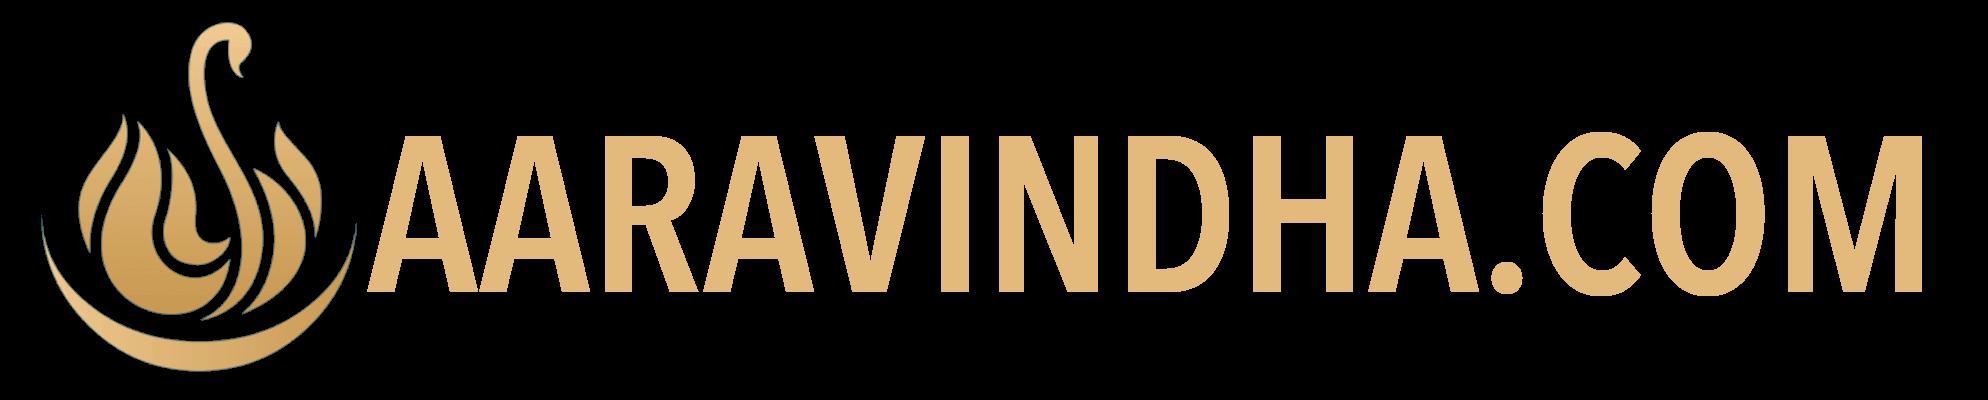 aaravindha-seminars.com